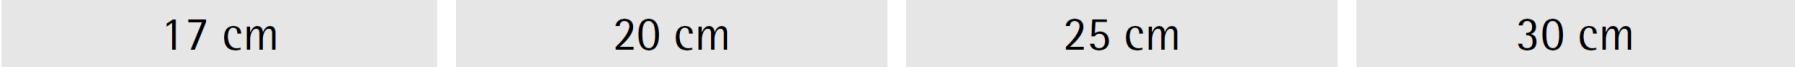 Tabelle 7-15: Typische Wanddicken Zweischalenmauerwerk – Tragschale (ohne Putz)